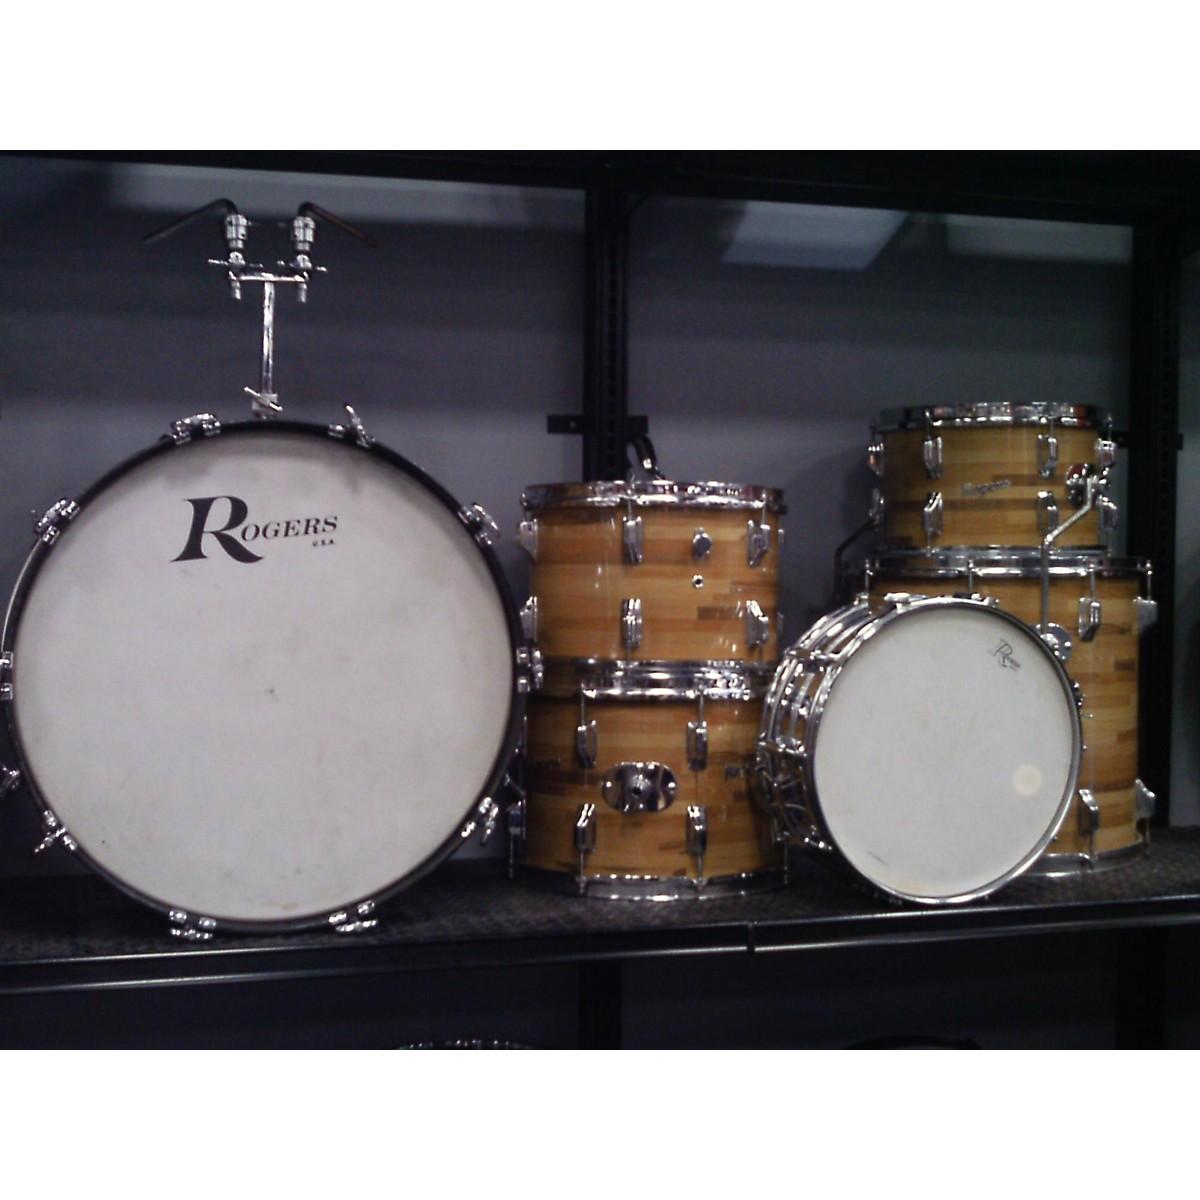 Rogers 1970s LONDONER V W/ DYNASONIC Drum Kit